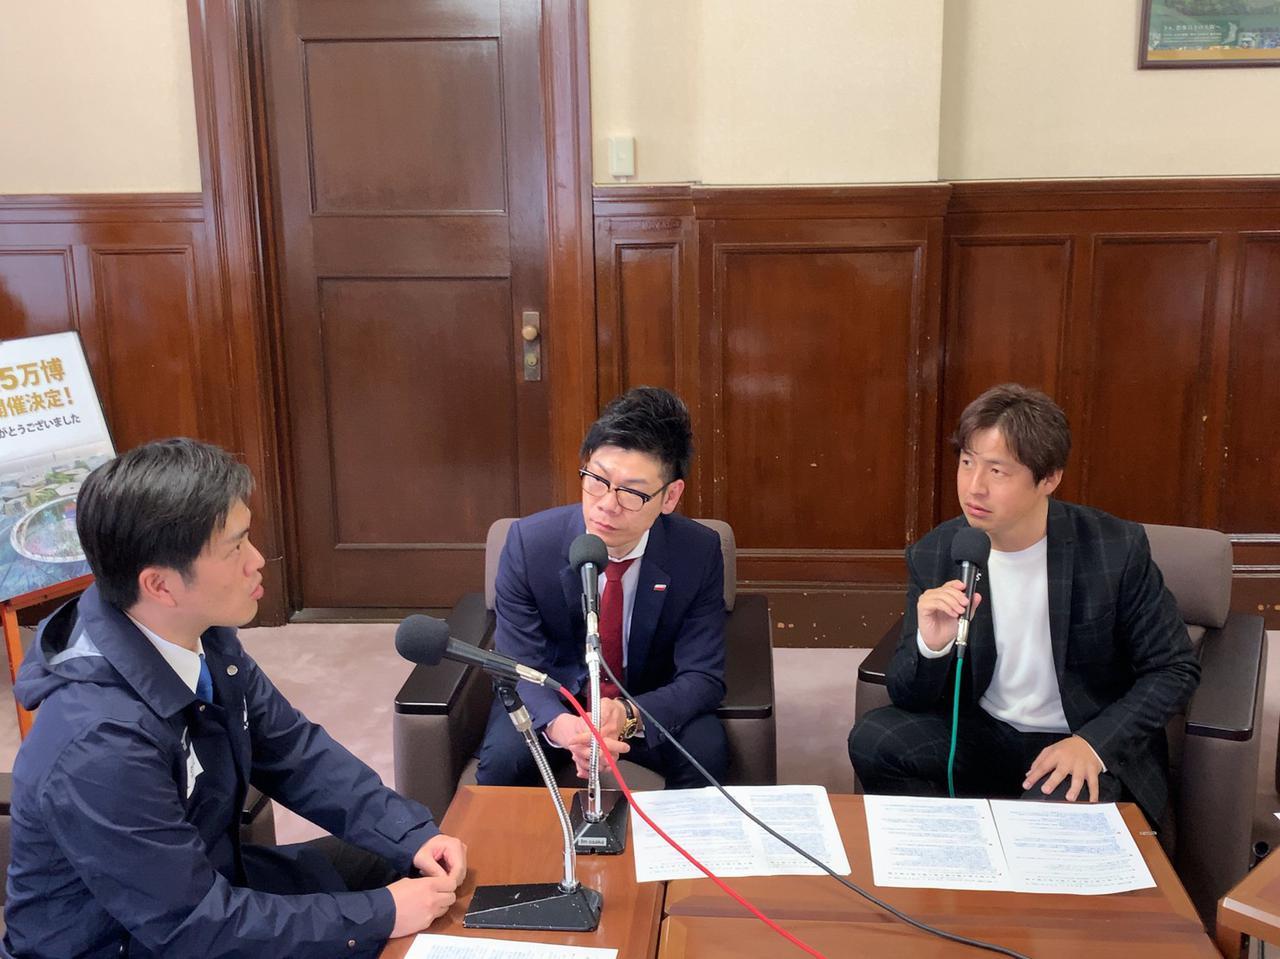 画像: 吉村洋文大阪府知事が語る「ミライ」「大阪万博」「春の応援ソング」。